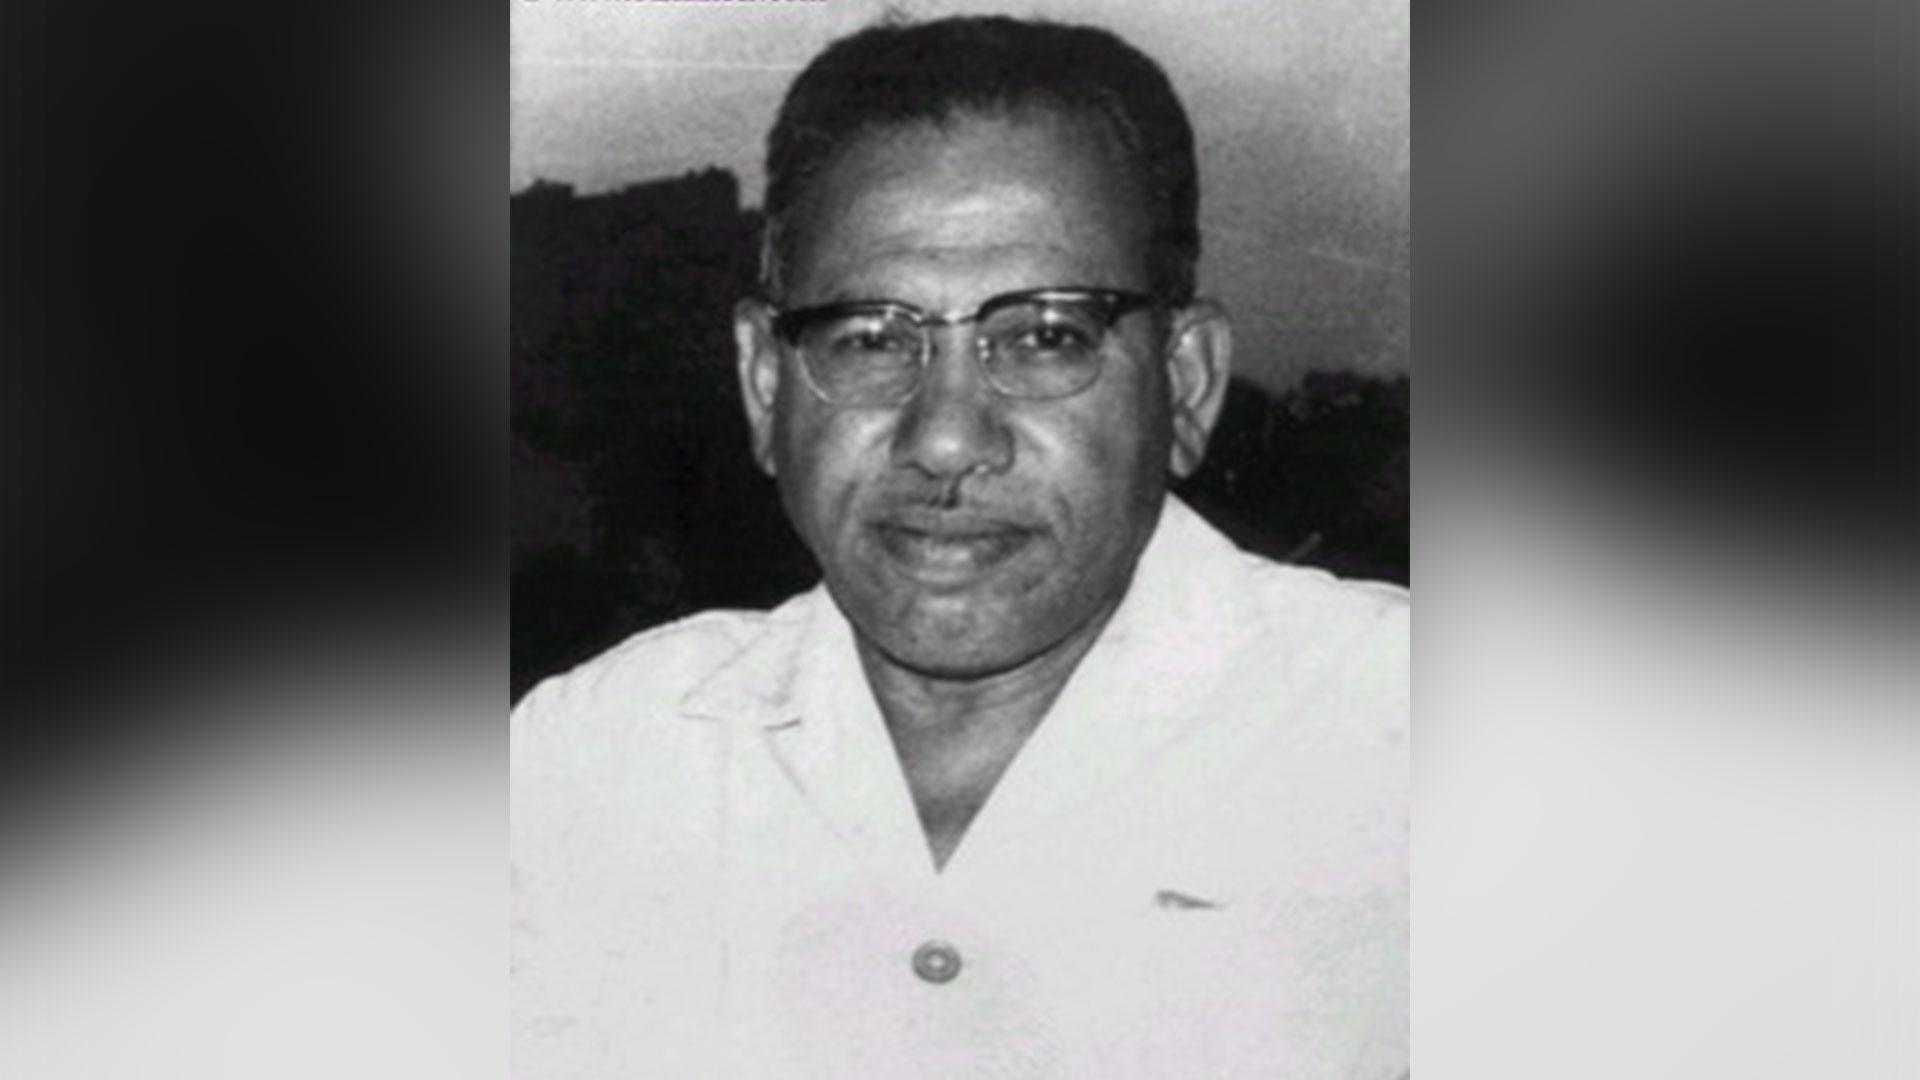 ولد علي أحمد باكثير سنة 1910، وأصبح اسمه مقترناً بريادة الدراما التاريخية